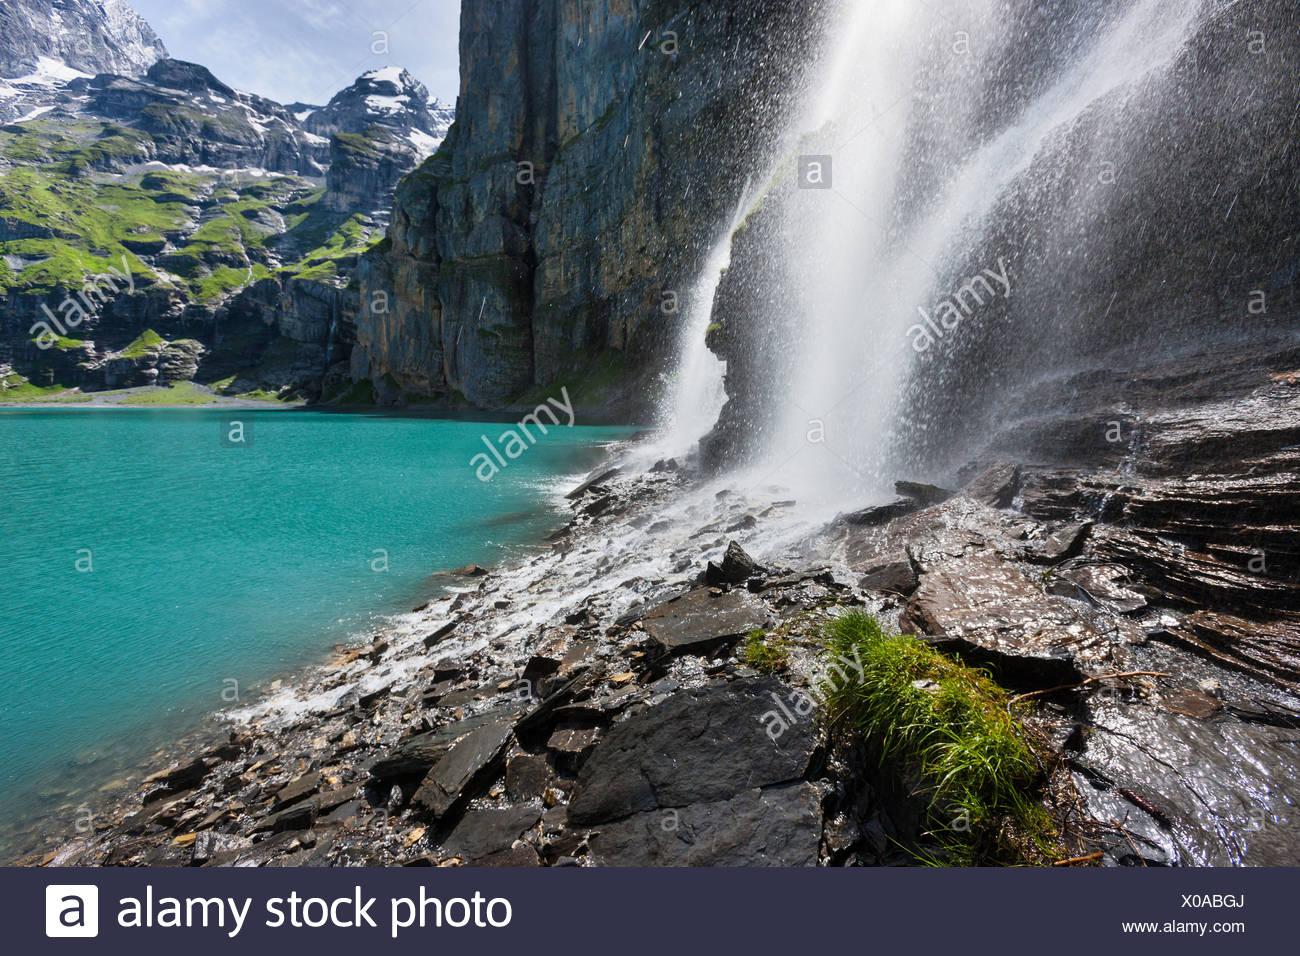 Lago Oeschinen, Tränen, Suiza, Europa, cantón de Berna, en el Oberland Bernés Kandertal Kander, valle, montañas, lago, montaña Imagen De Stock